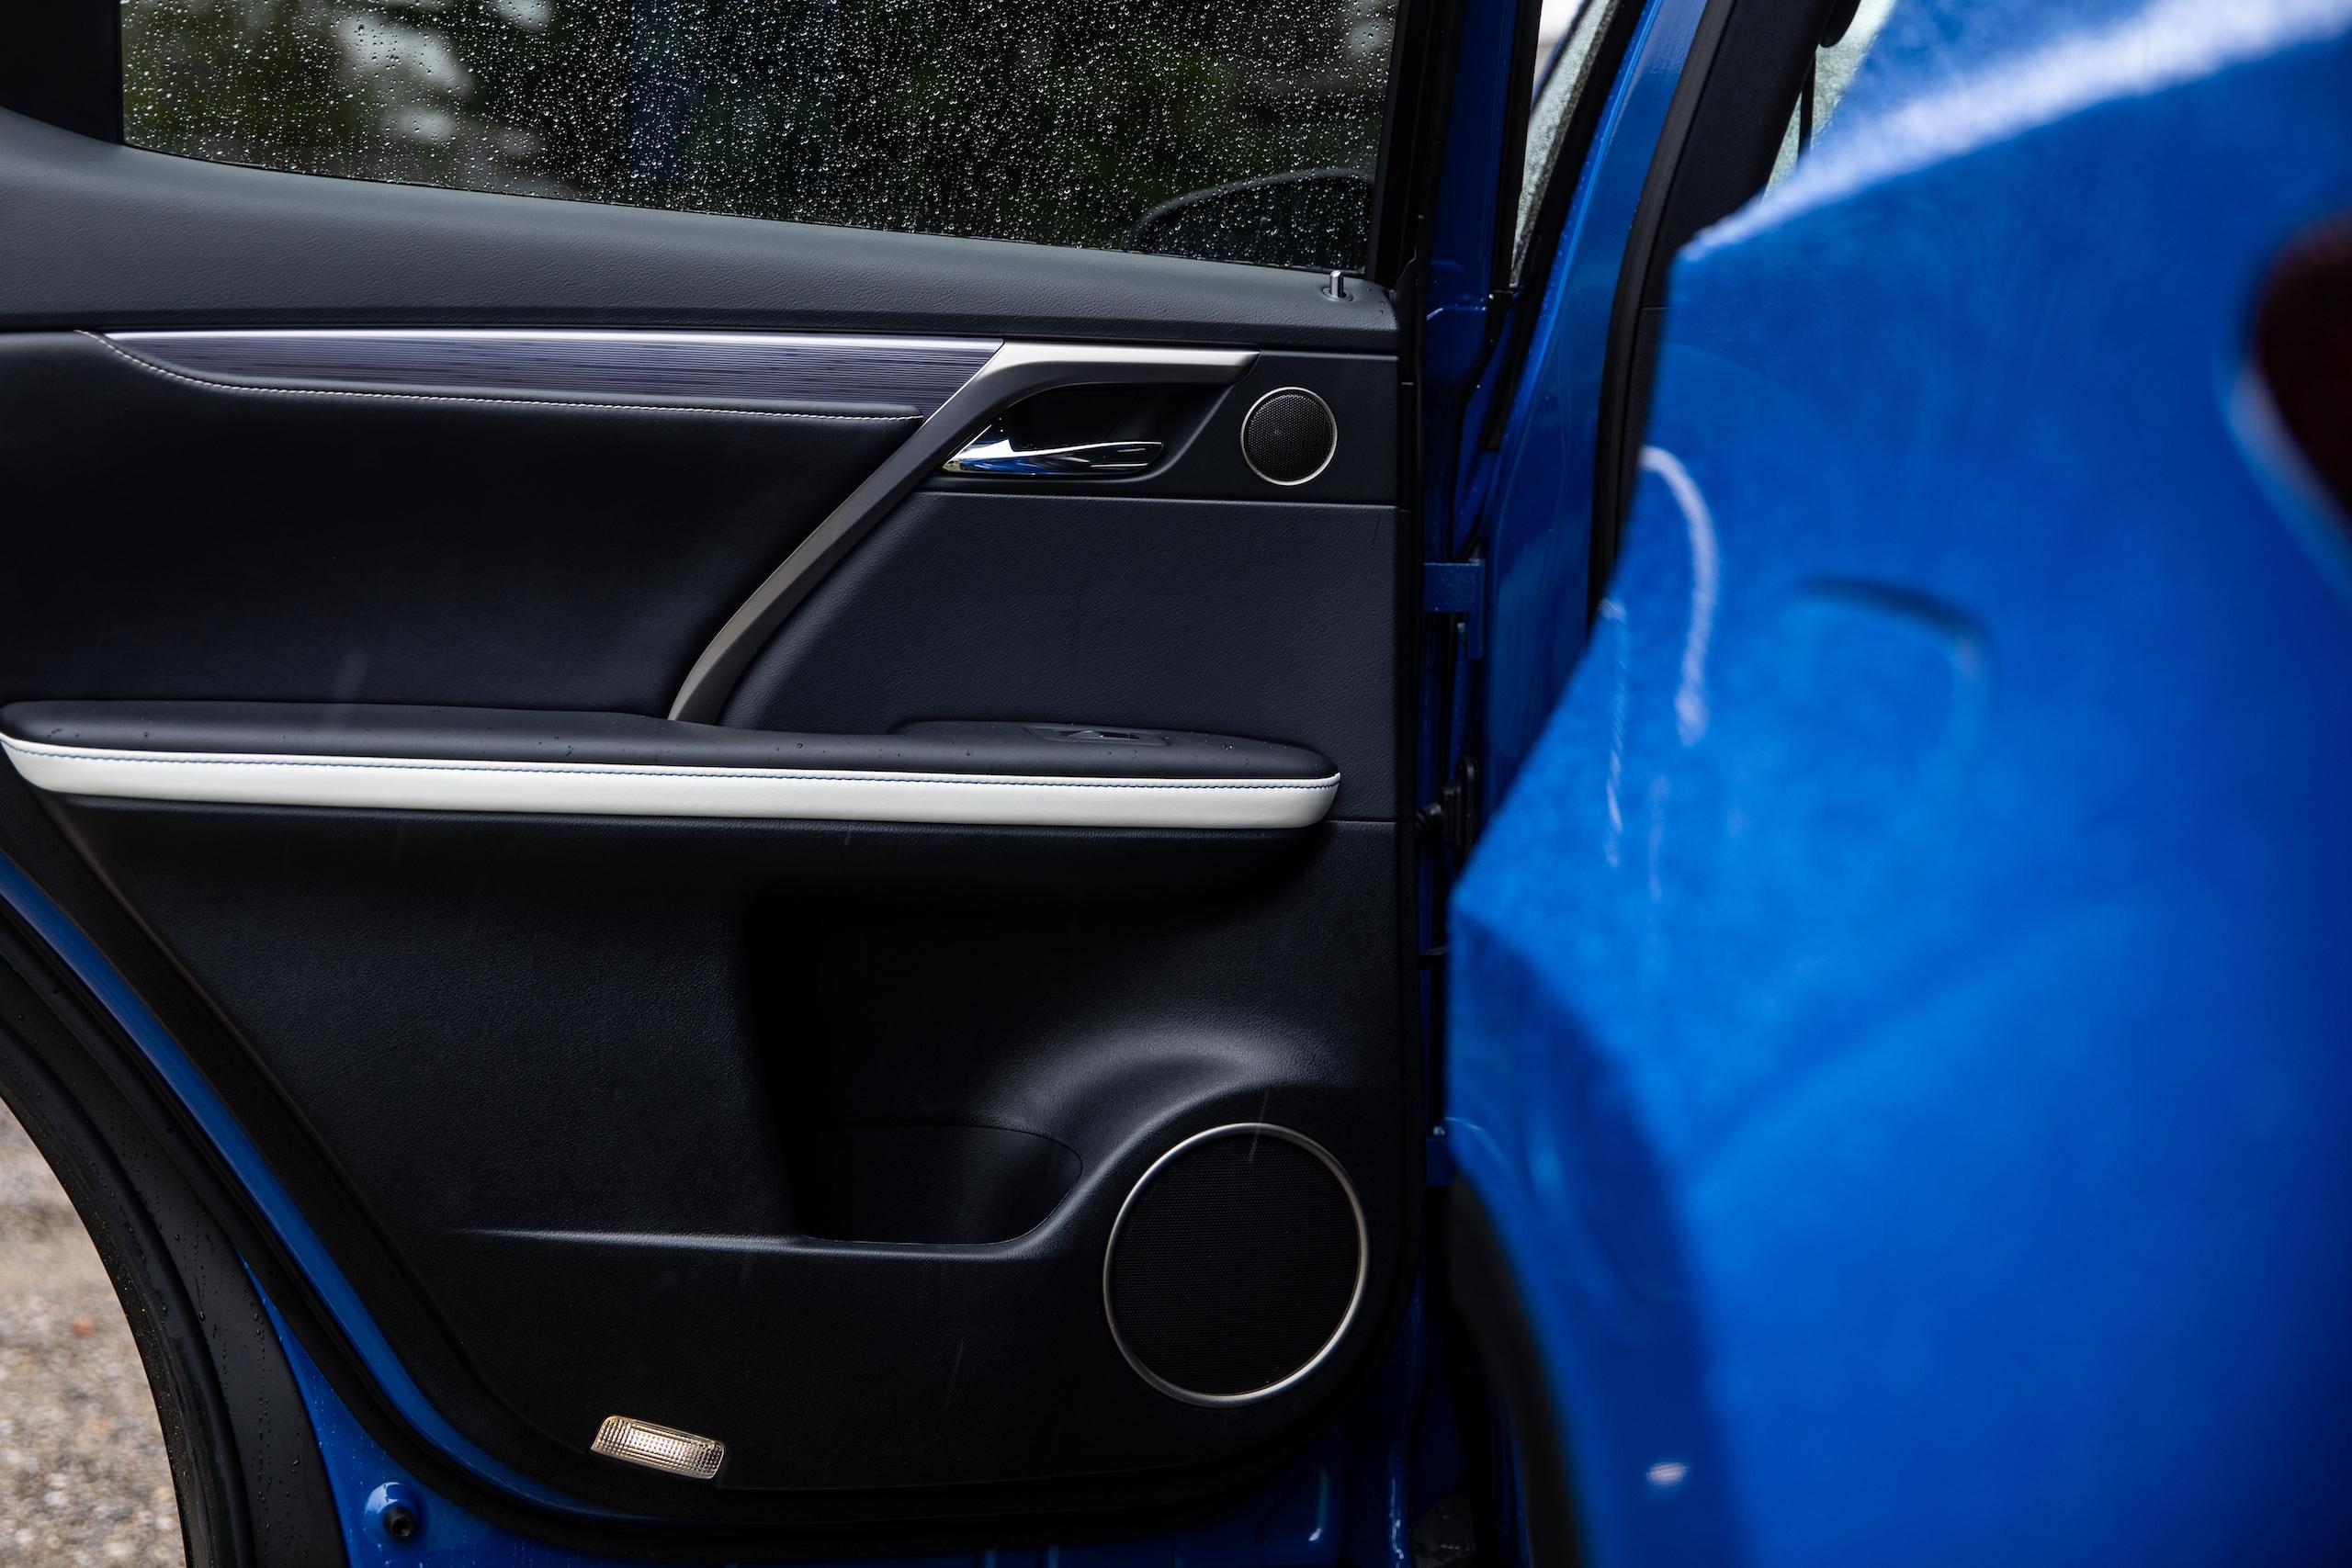 2021 Lexus RX450h door panel detail